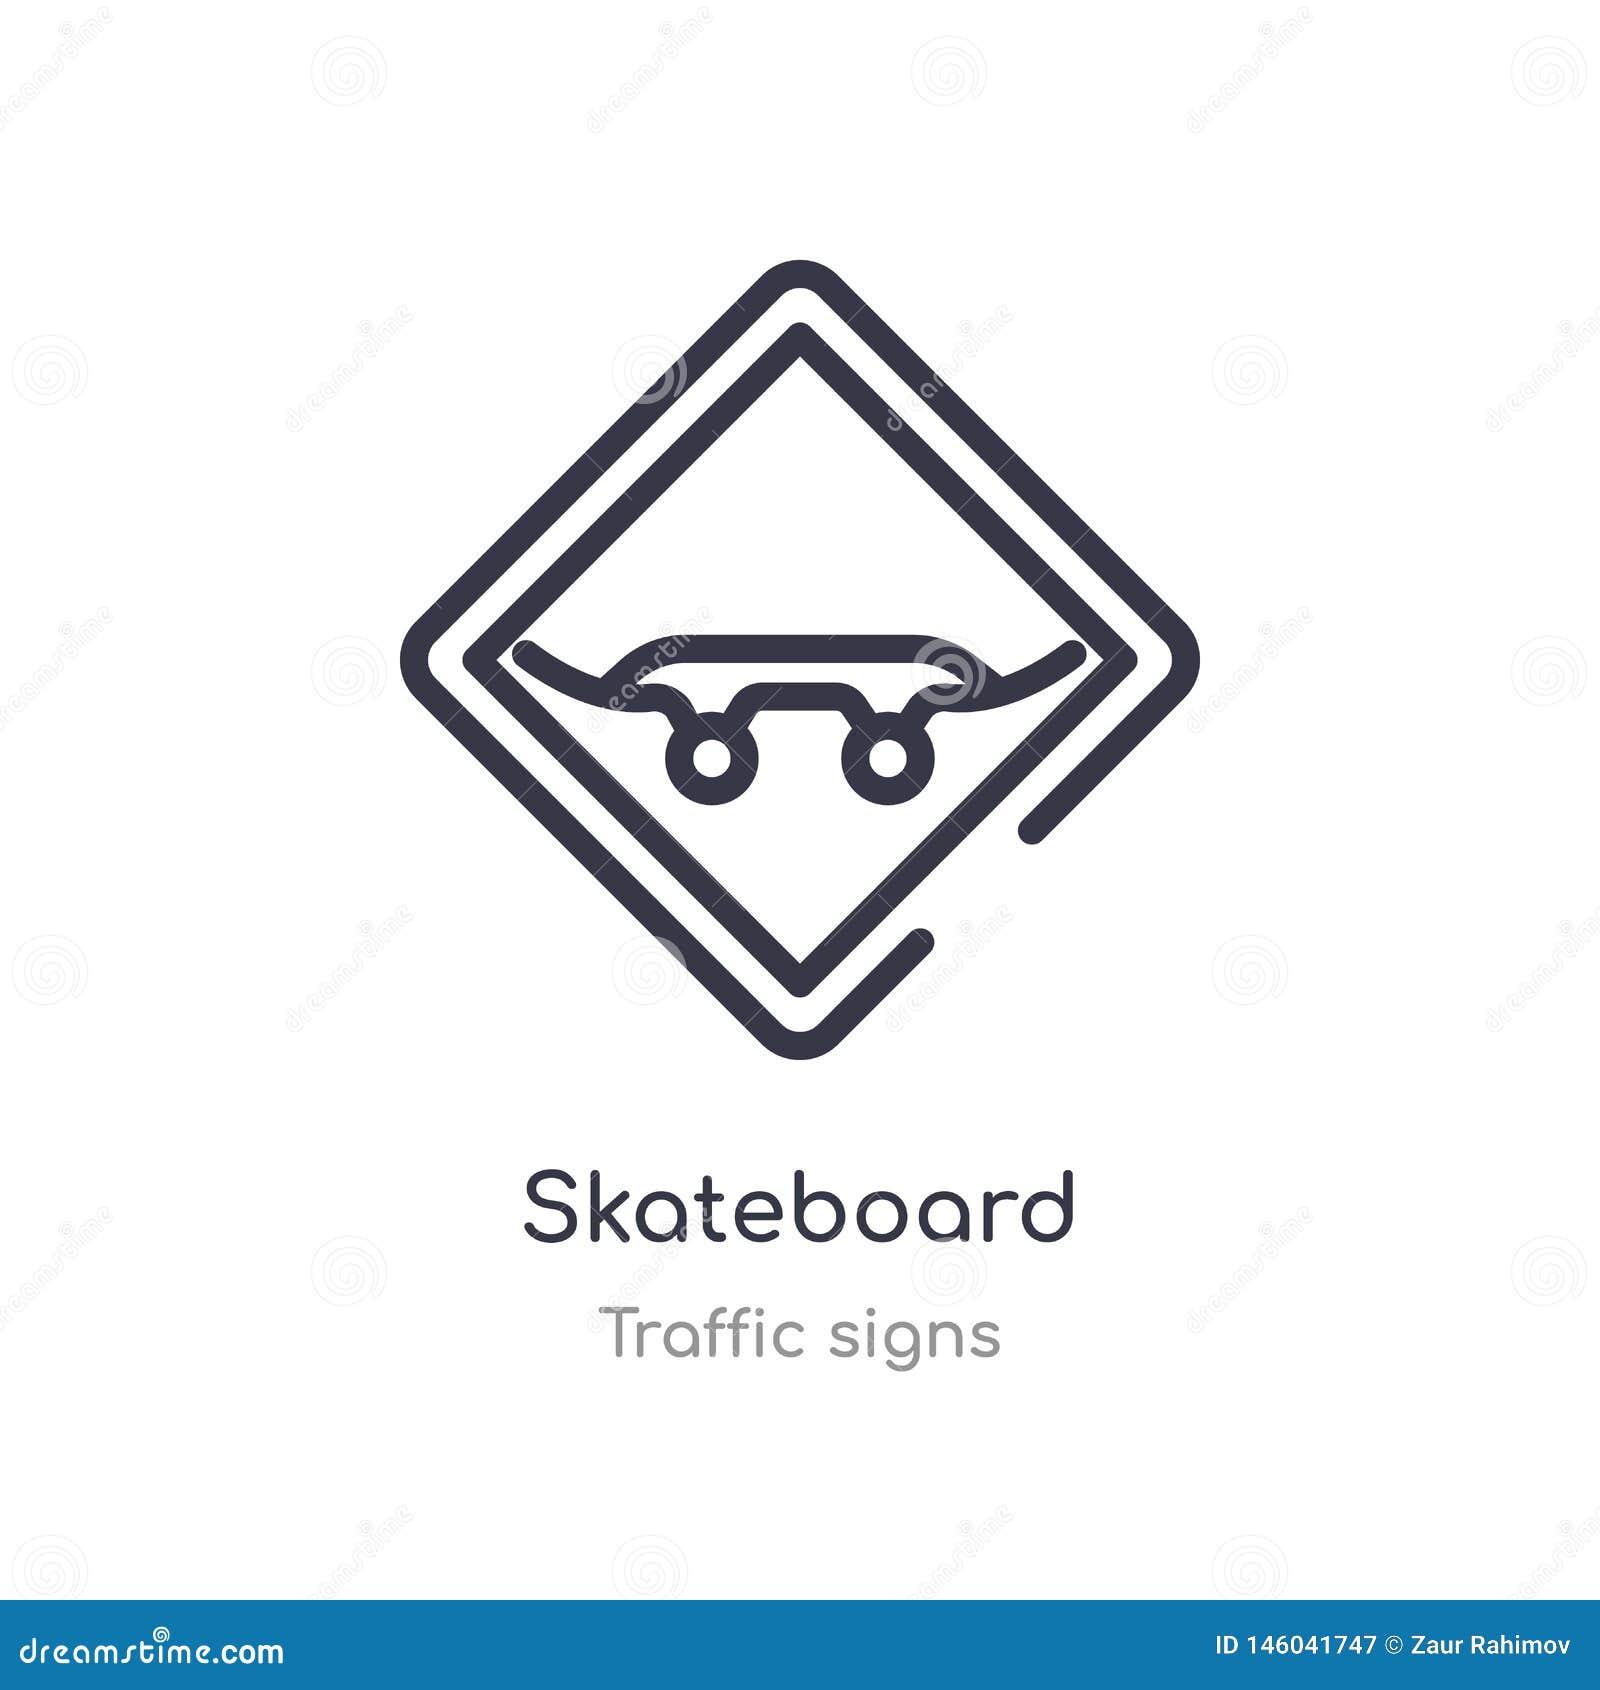 Deskorolka konturu ikona odosobniona kreskowa wektorowa ilustracja od ruch?w drogowych znak?w inkasowych editable cienka uderzeni